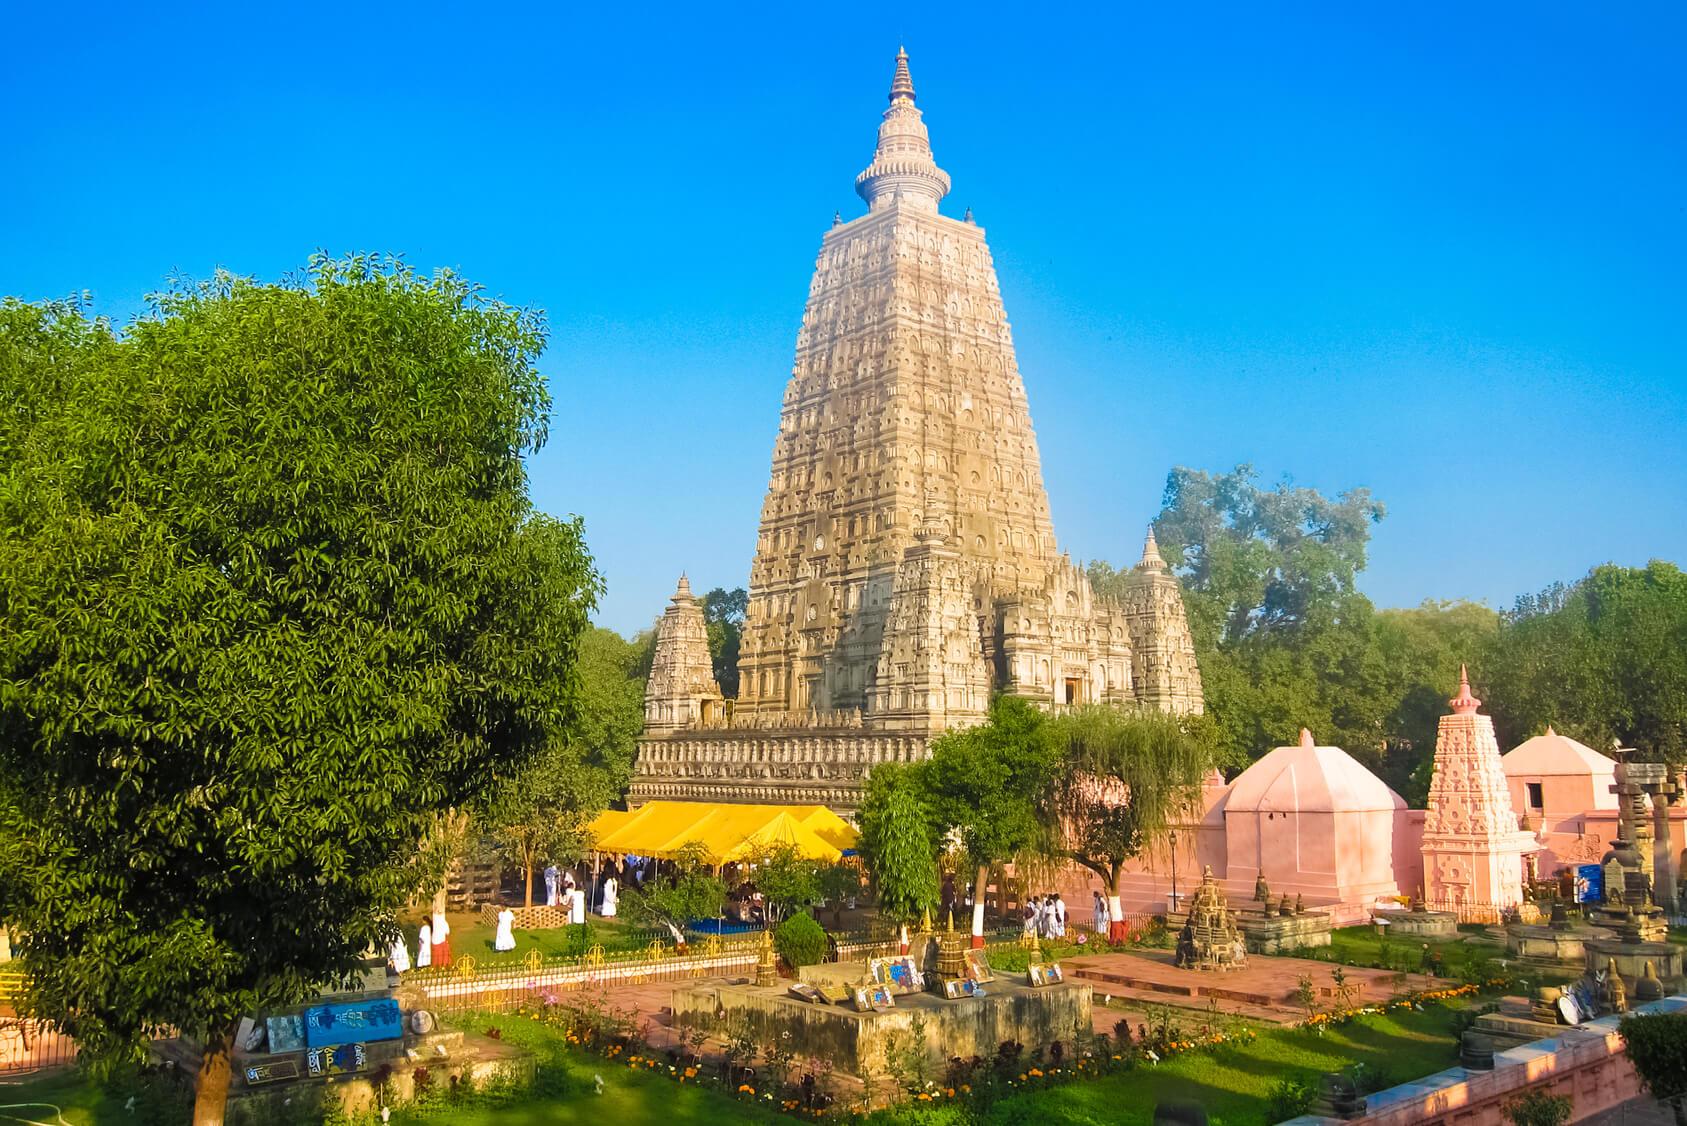 Mahabodhi Temple - Bodhgaya Image